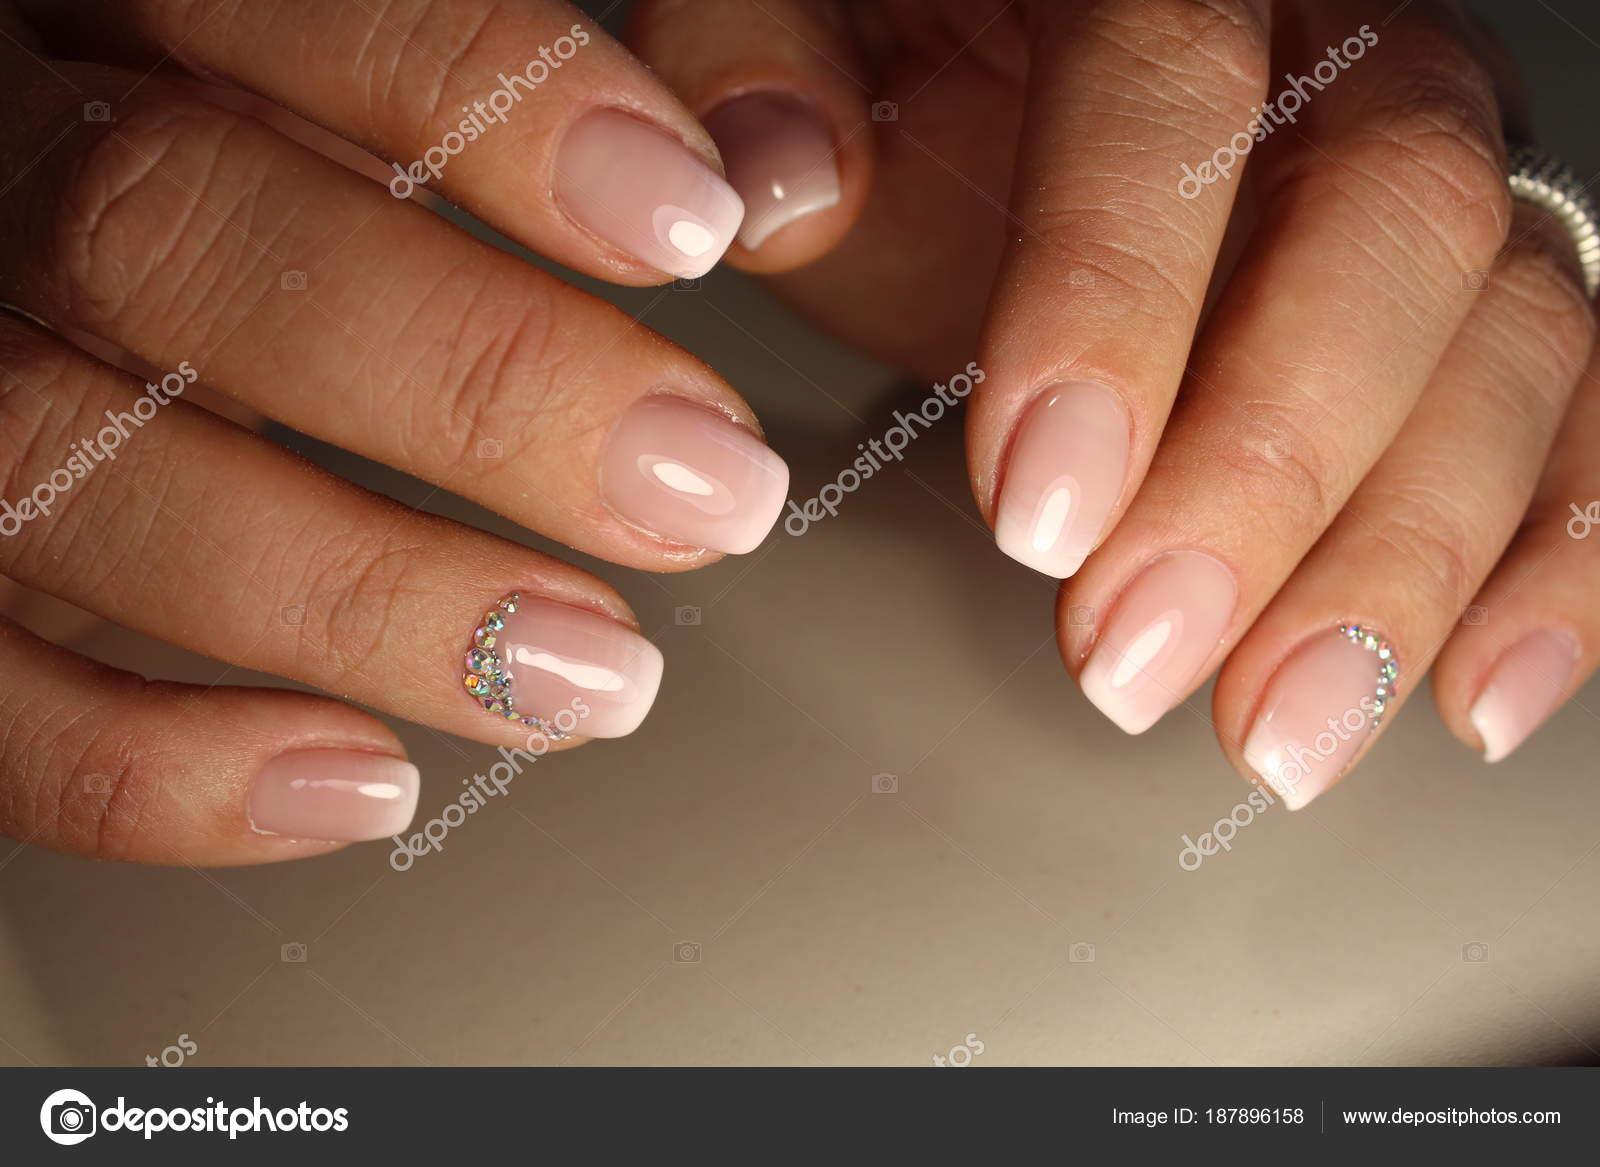 Manicure Design French Stock Photo Smirmaxstock 187896158